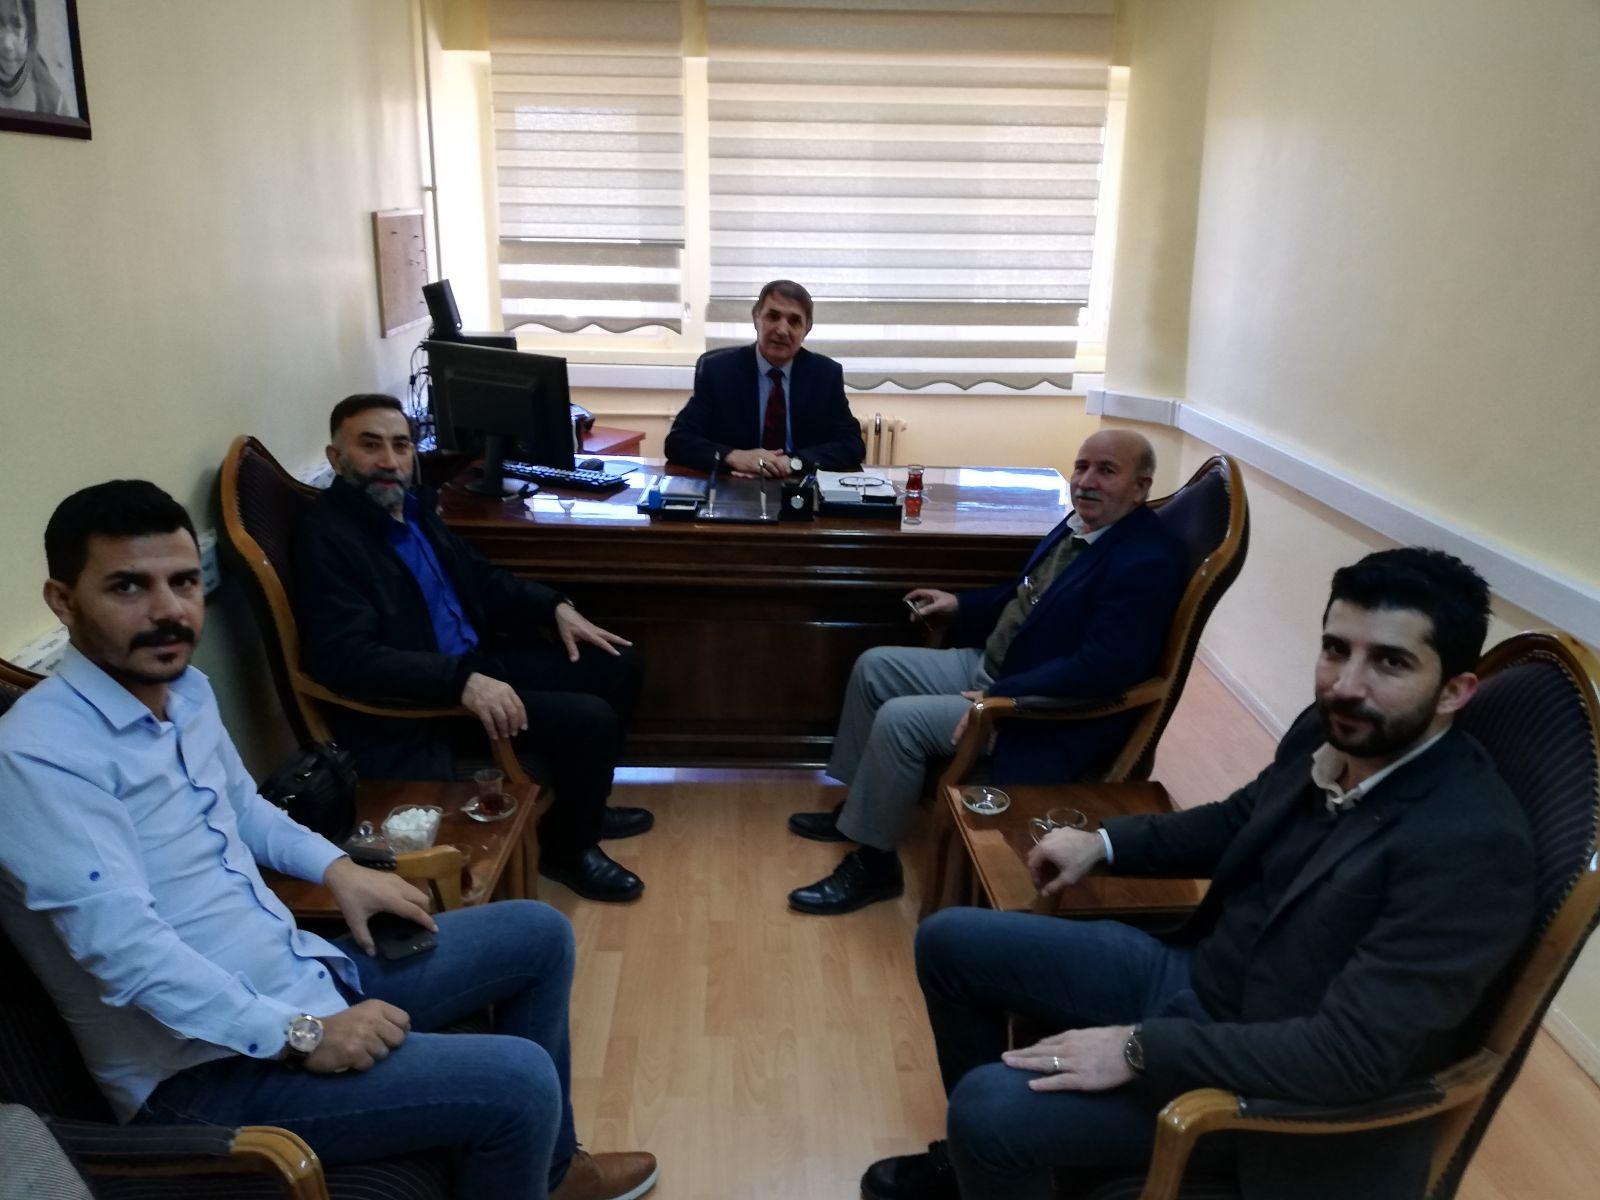 Sağlık Bilimleri Enstitüsü sekreterliğine atanan üyemiz Burhan KOÇ beyefendiyi tebrik ediyoruz